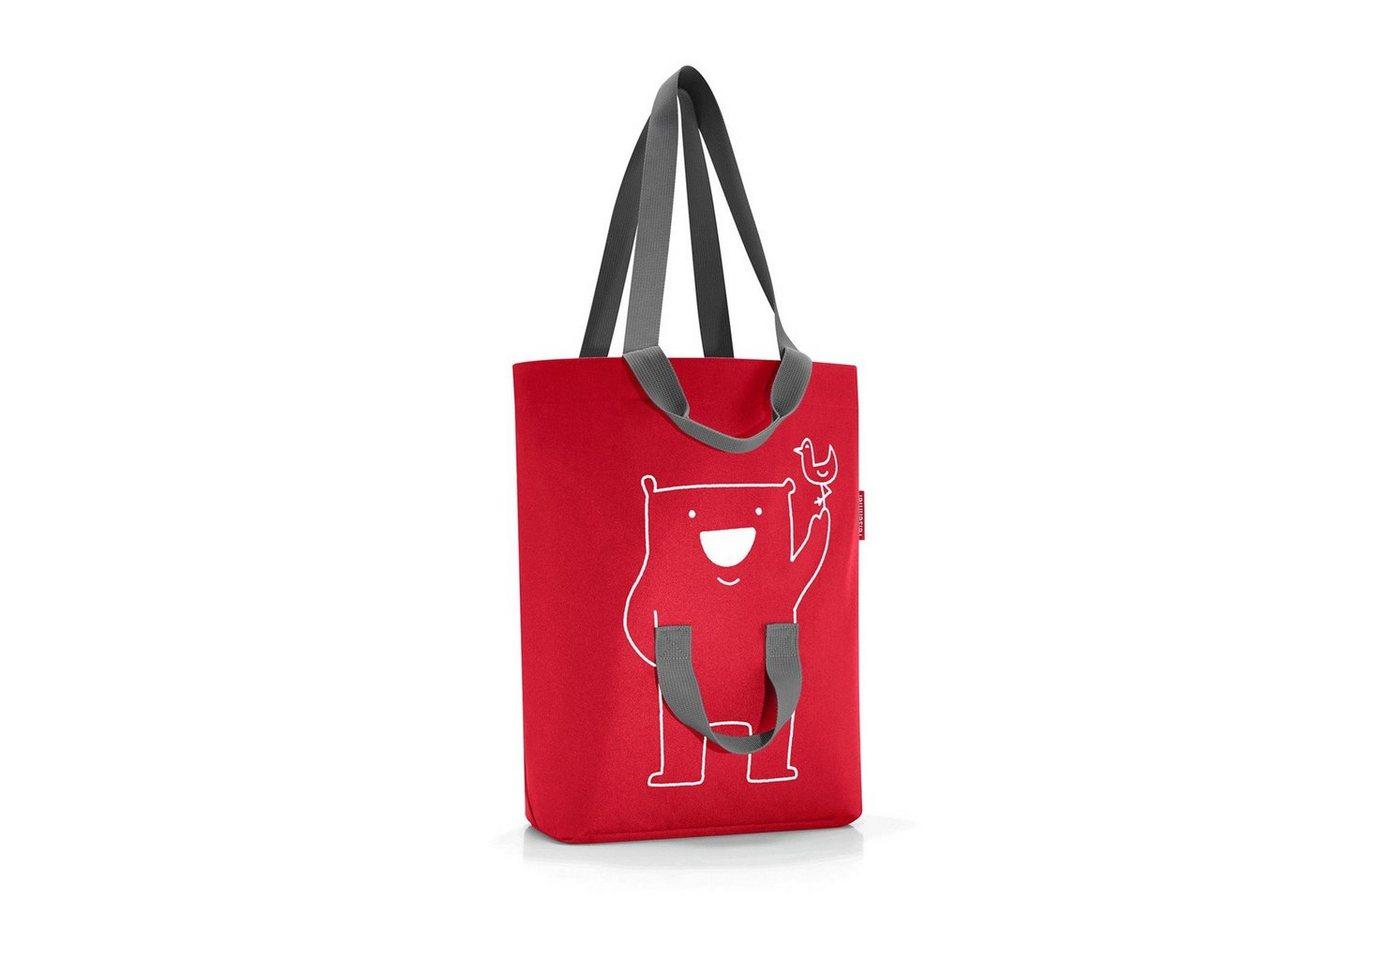 REISENTHEL® Einkaufstasche »familybag KIDS« | Taschen > Handtaschen > Einkaufstasche | Polyester | REISENTHEL®